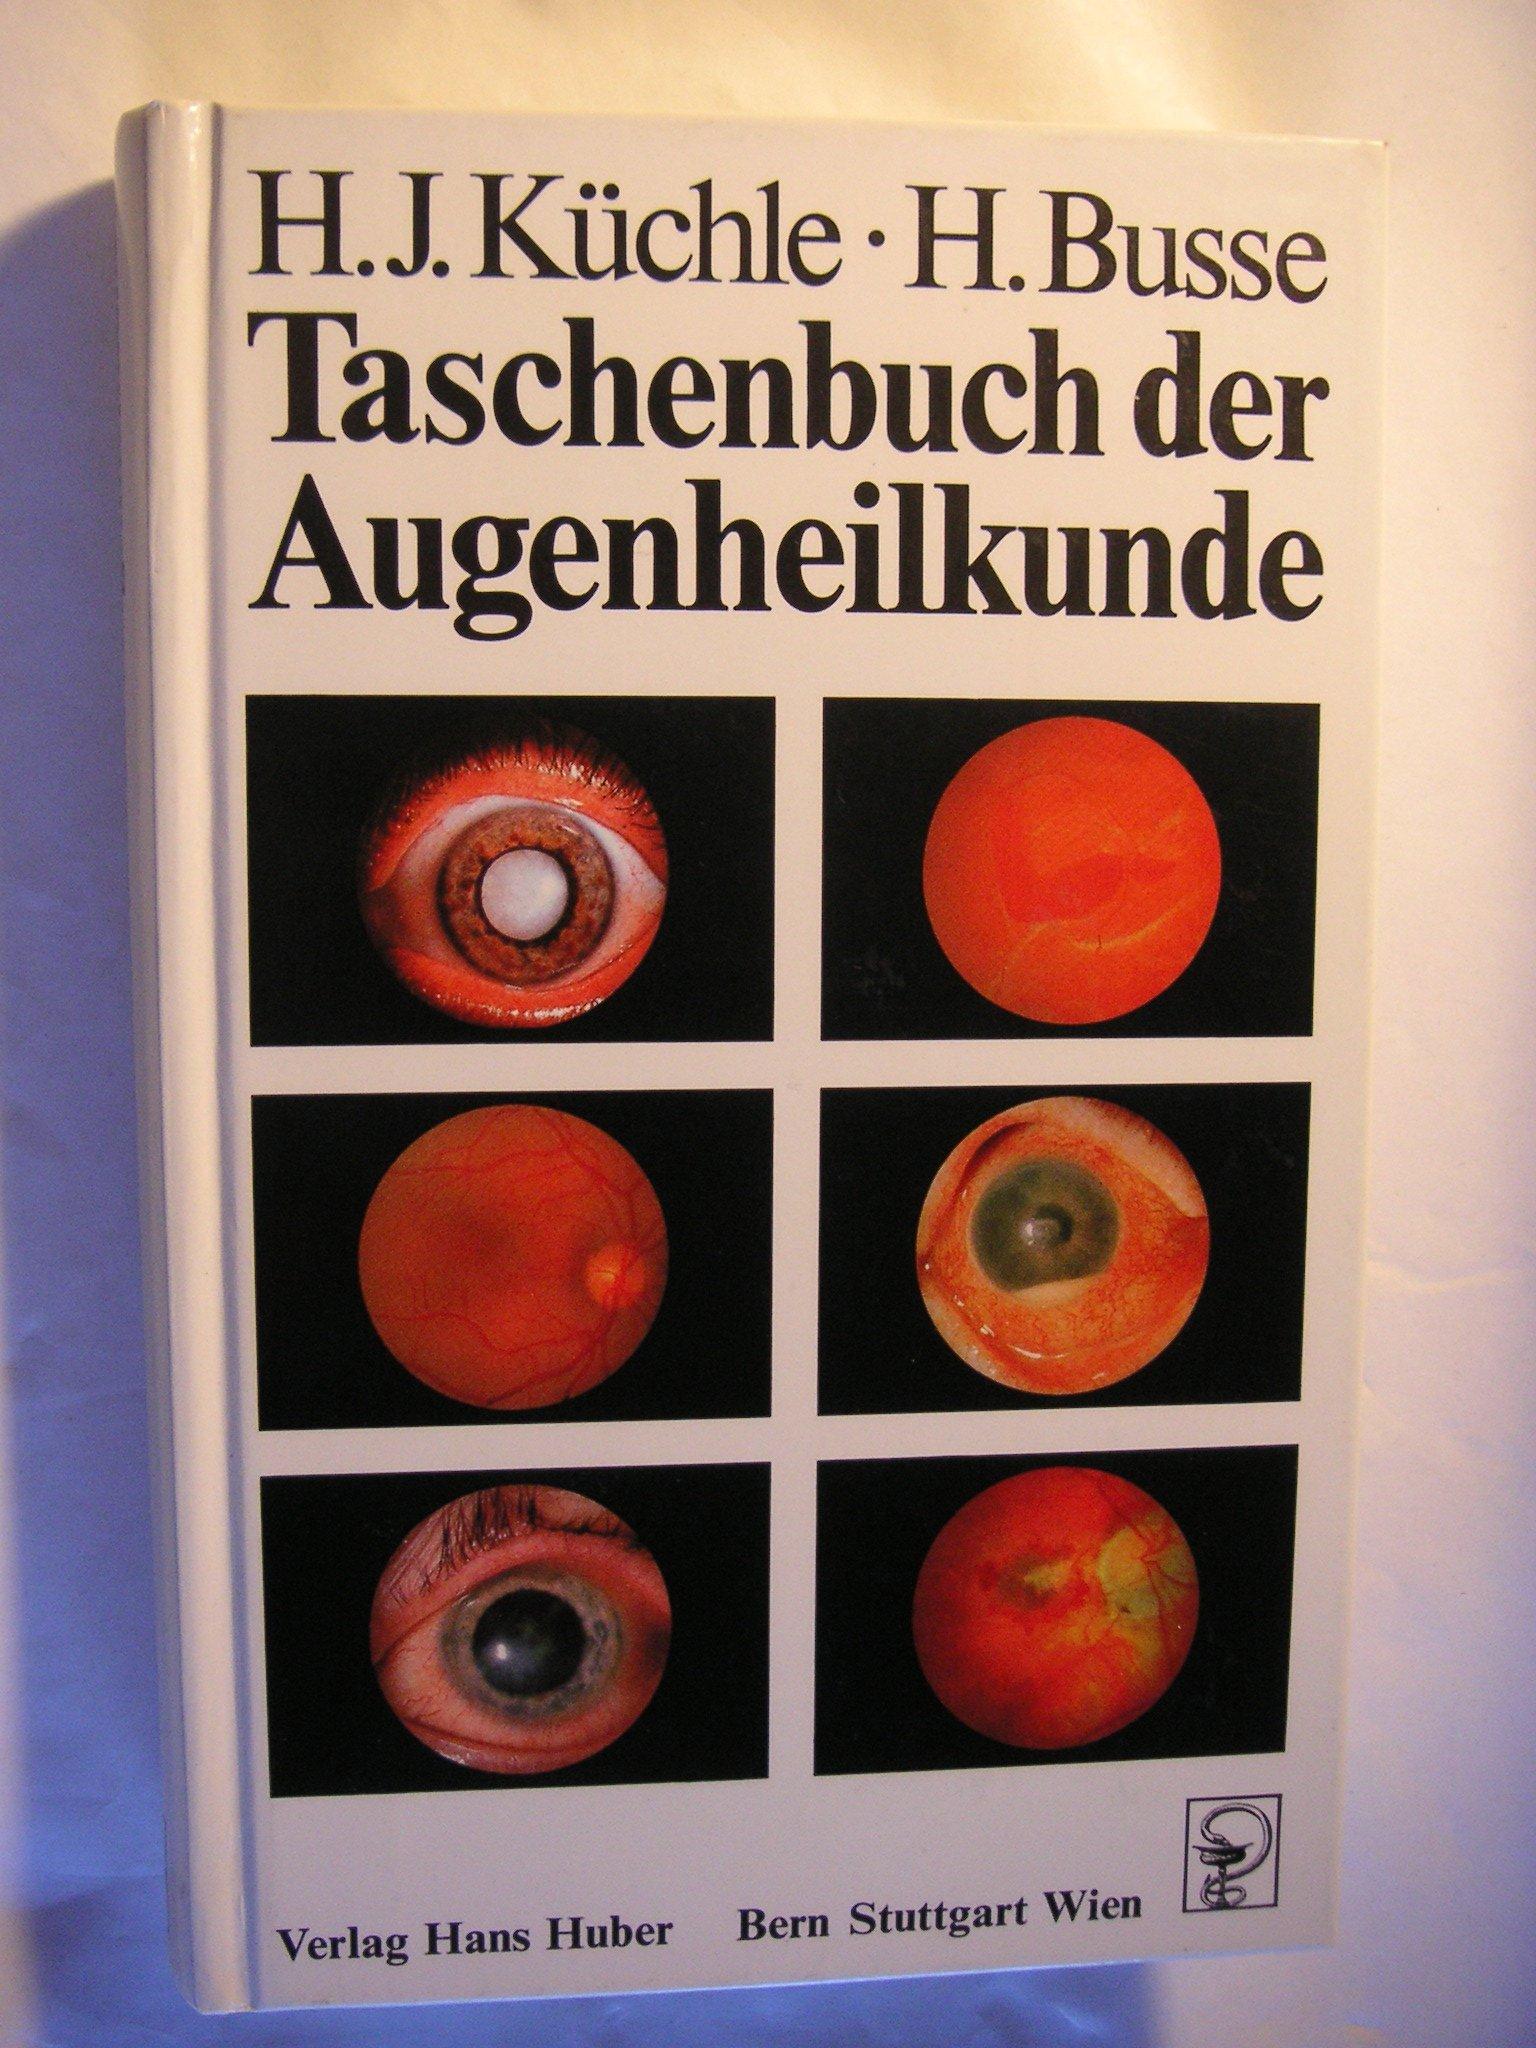 Taschenbuch der Augenheilkunde